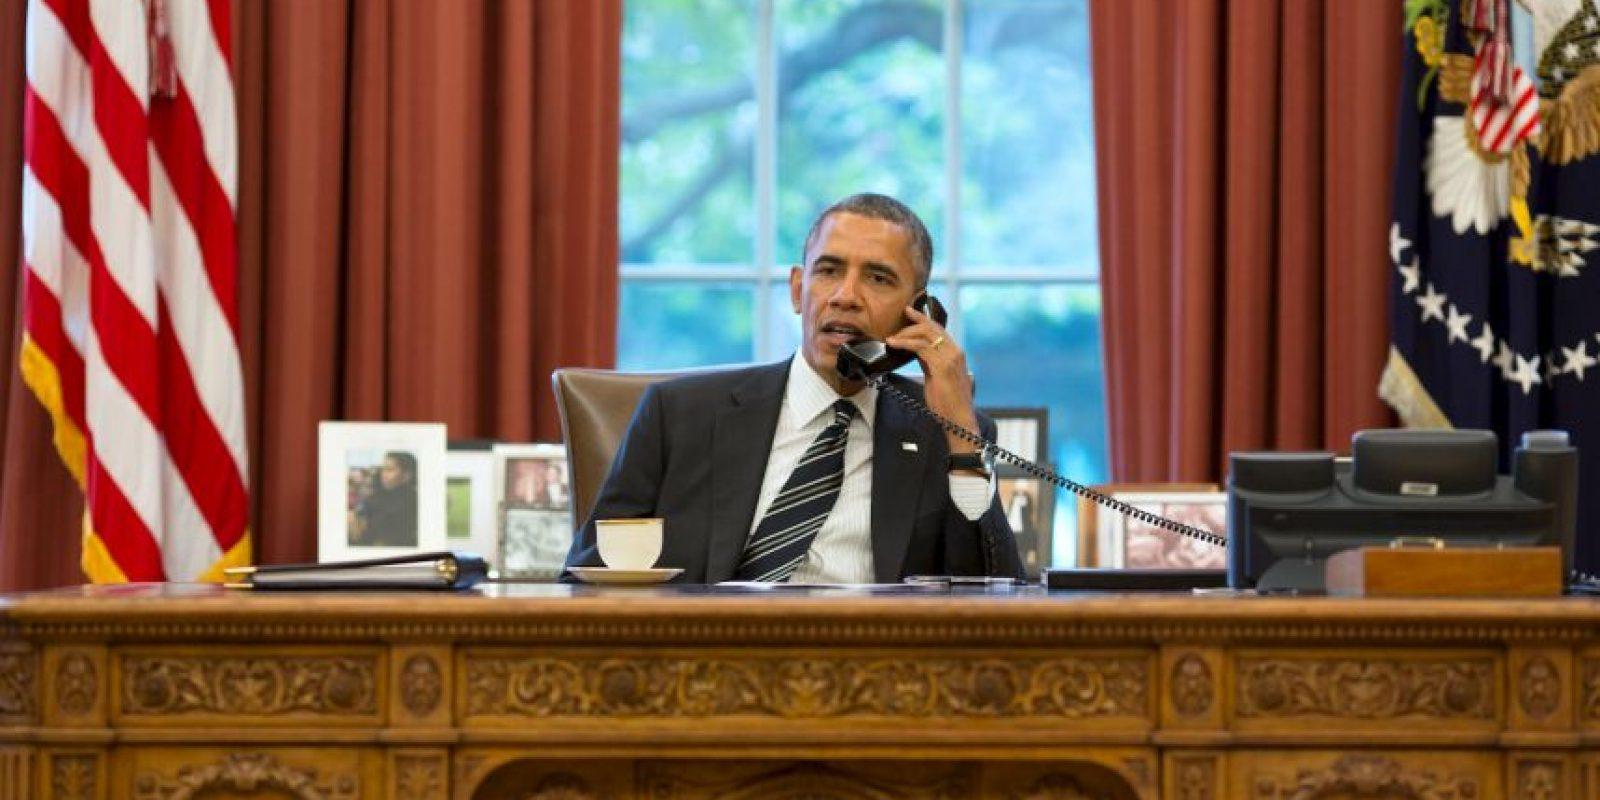 El 15 de diciembre de 2014, Barack Obama y Raúl Castro iniciaron un diálogo para restablecer relaciones diplomáticas. Foto:Getty Images